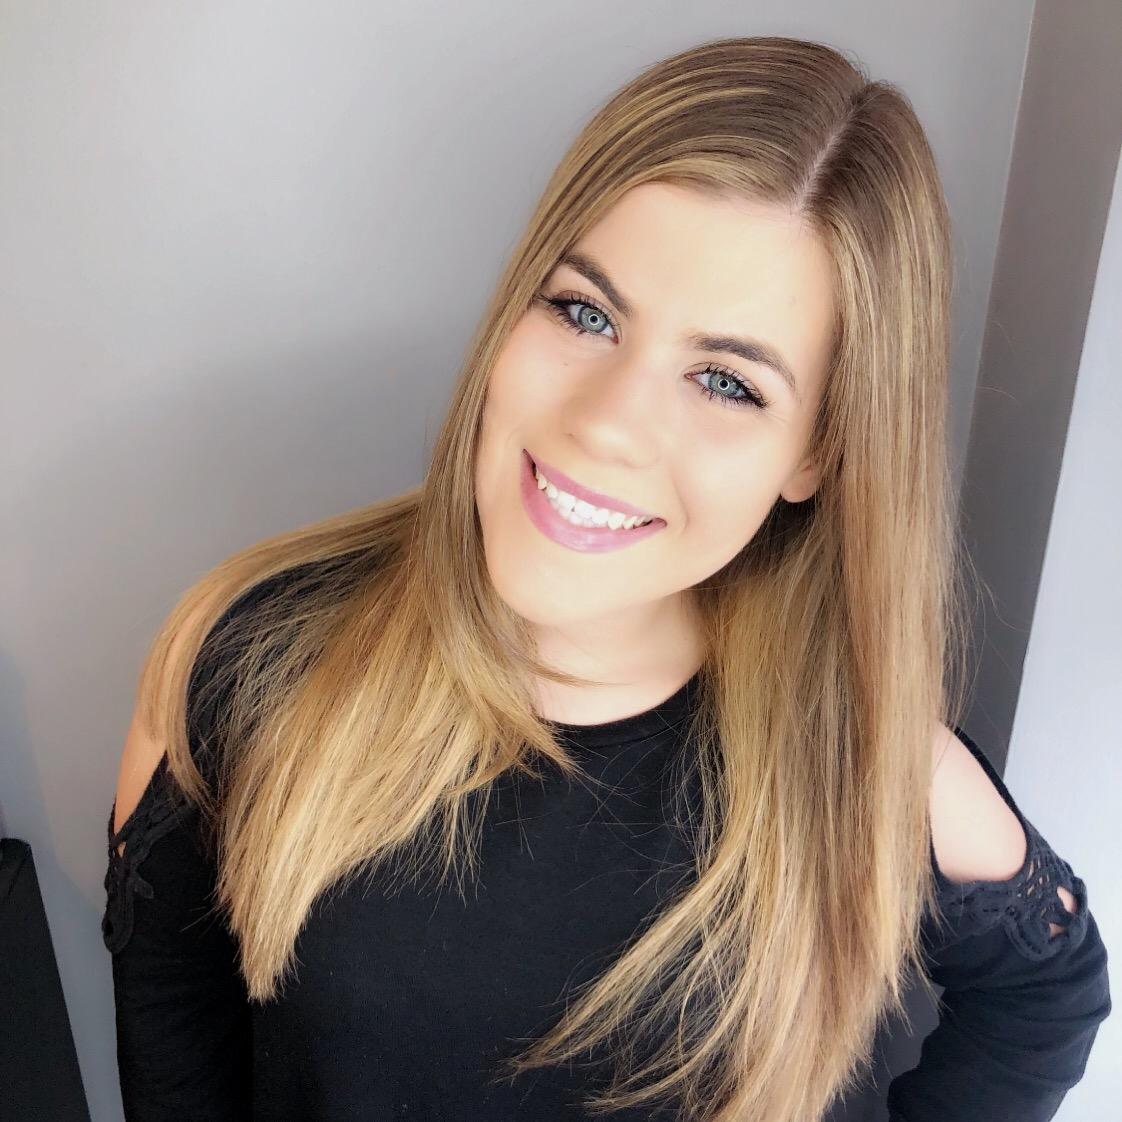 Samantha Pulcino